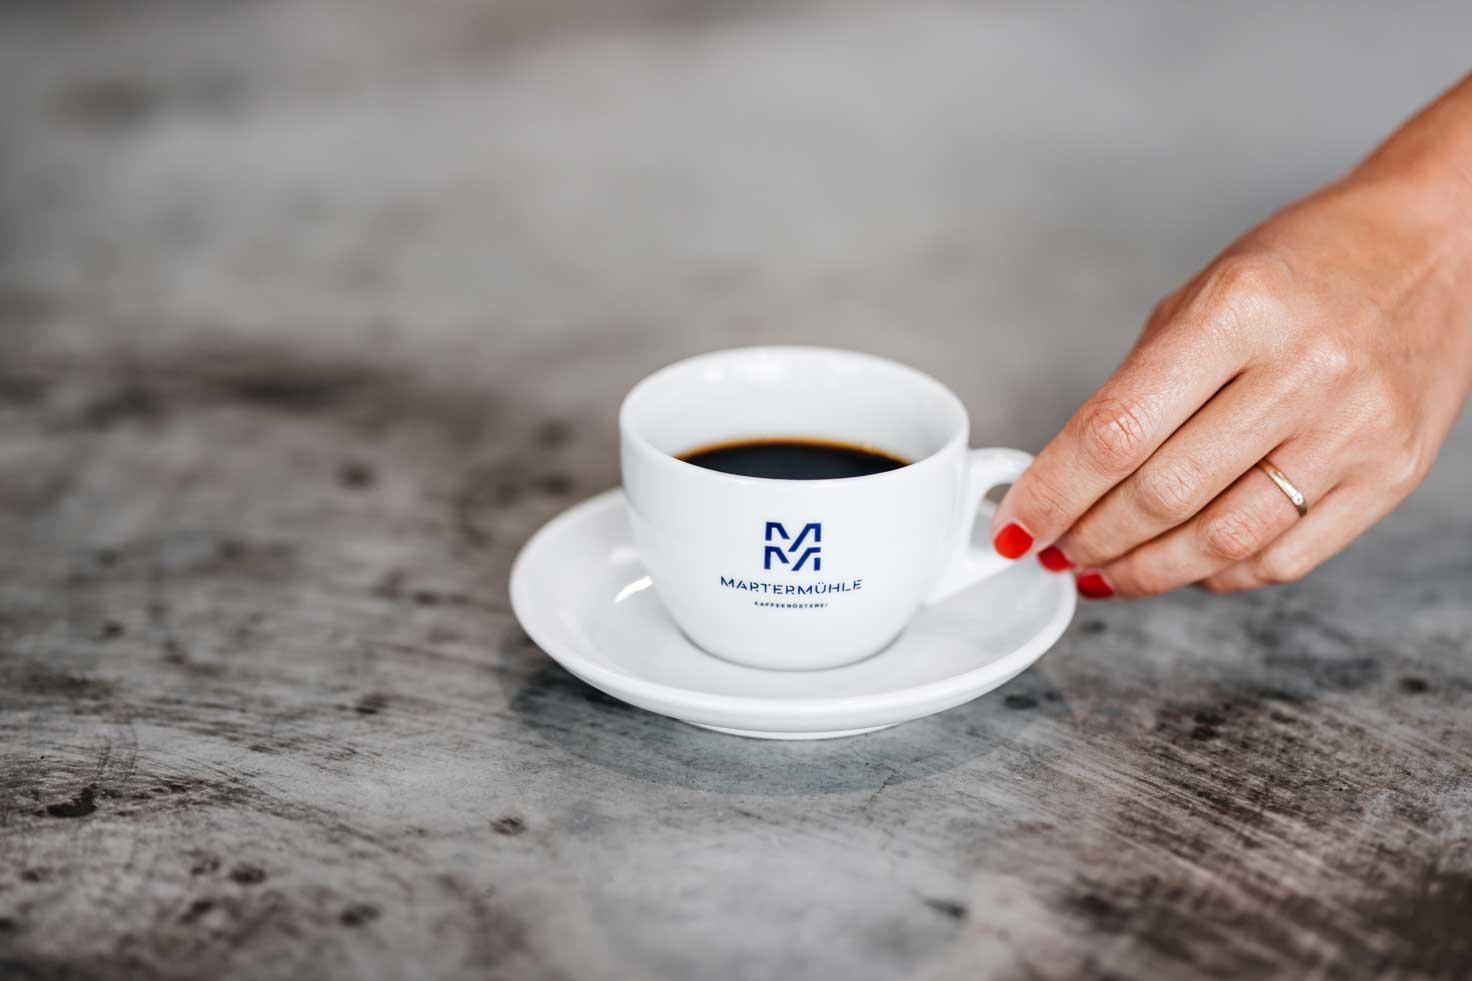 roesterei-kaffee-martermuehle